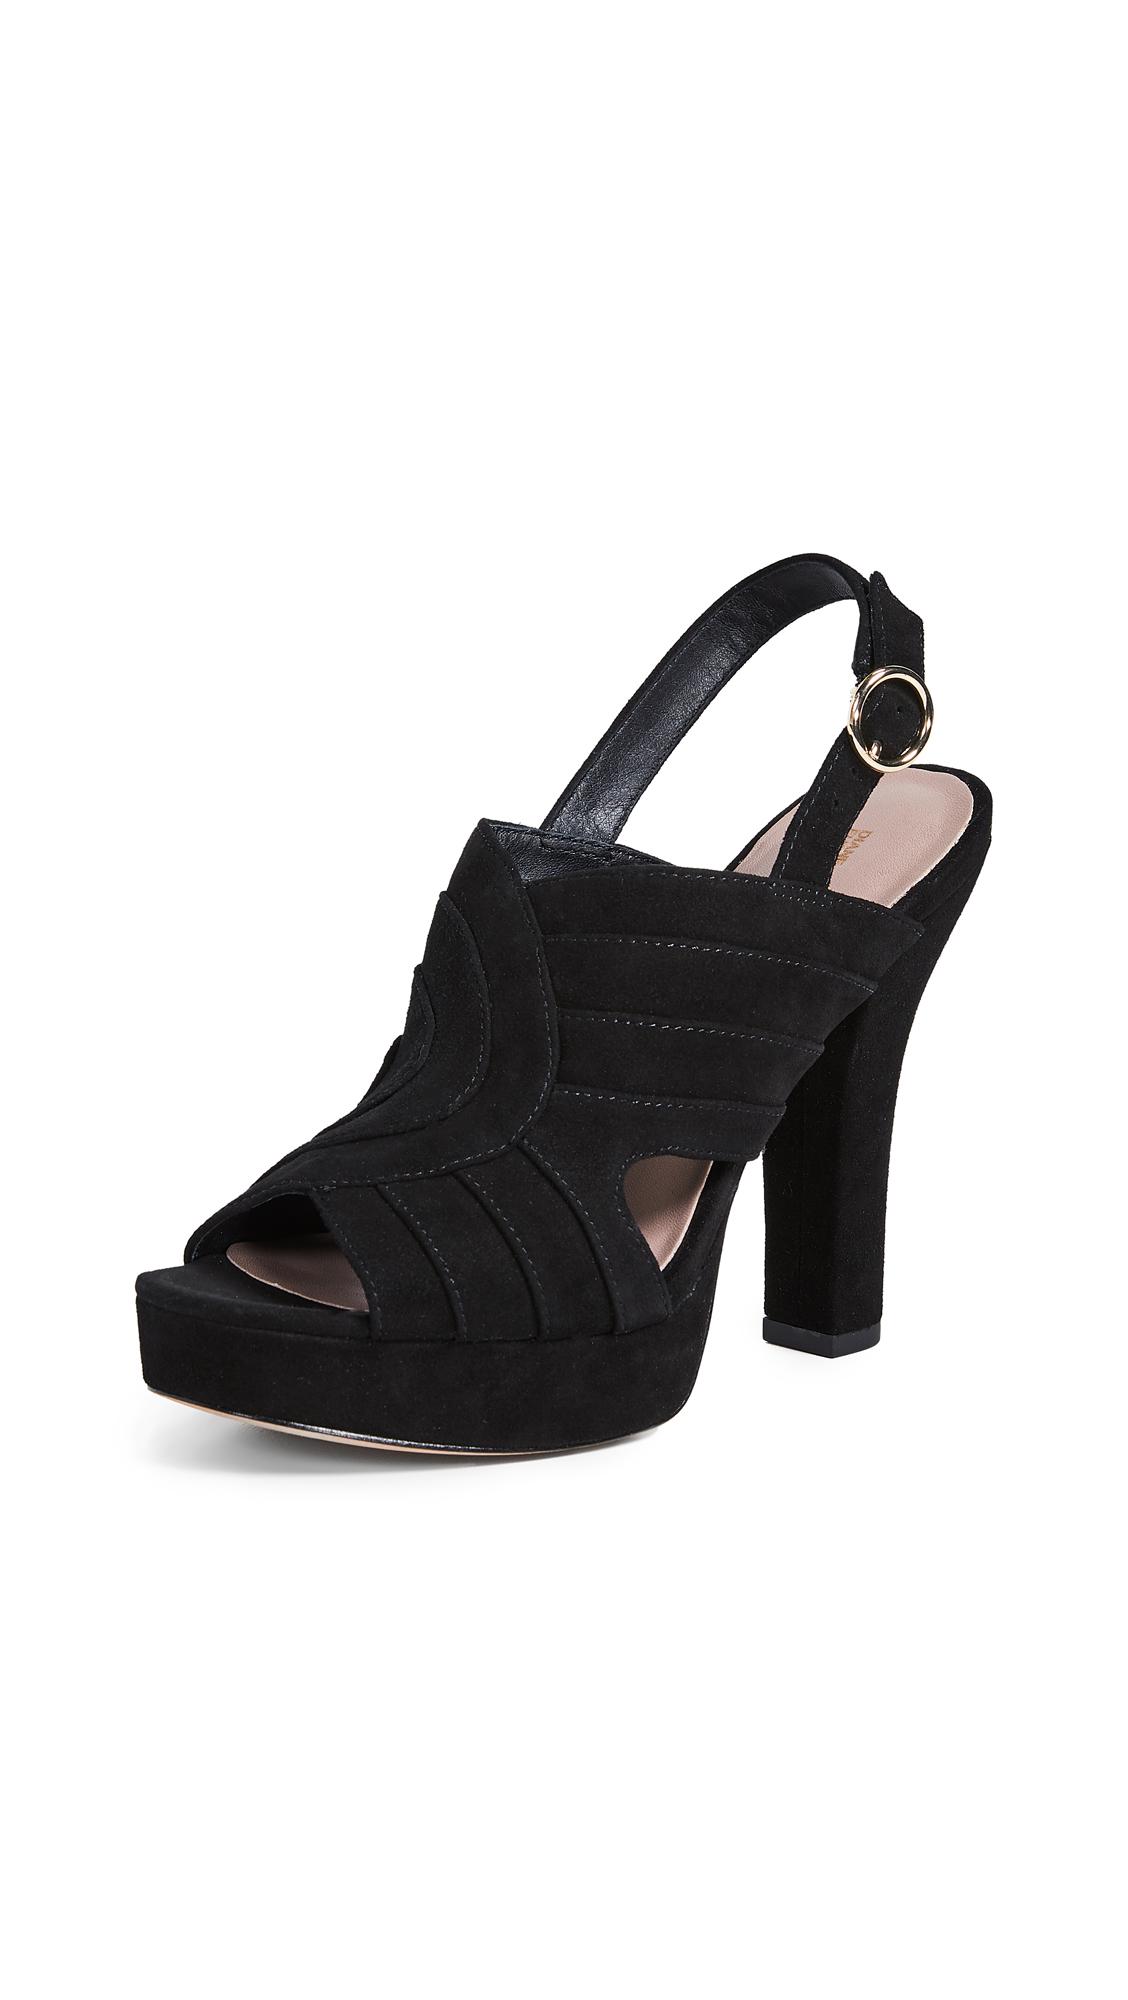 Diane von Furstenberg Tabby Sandals - Black